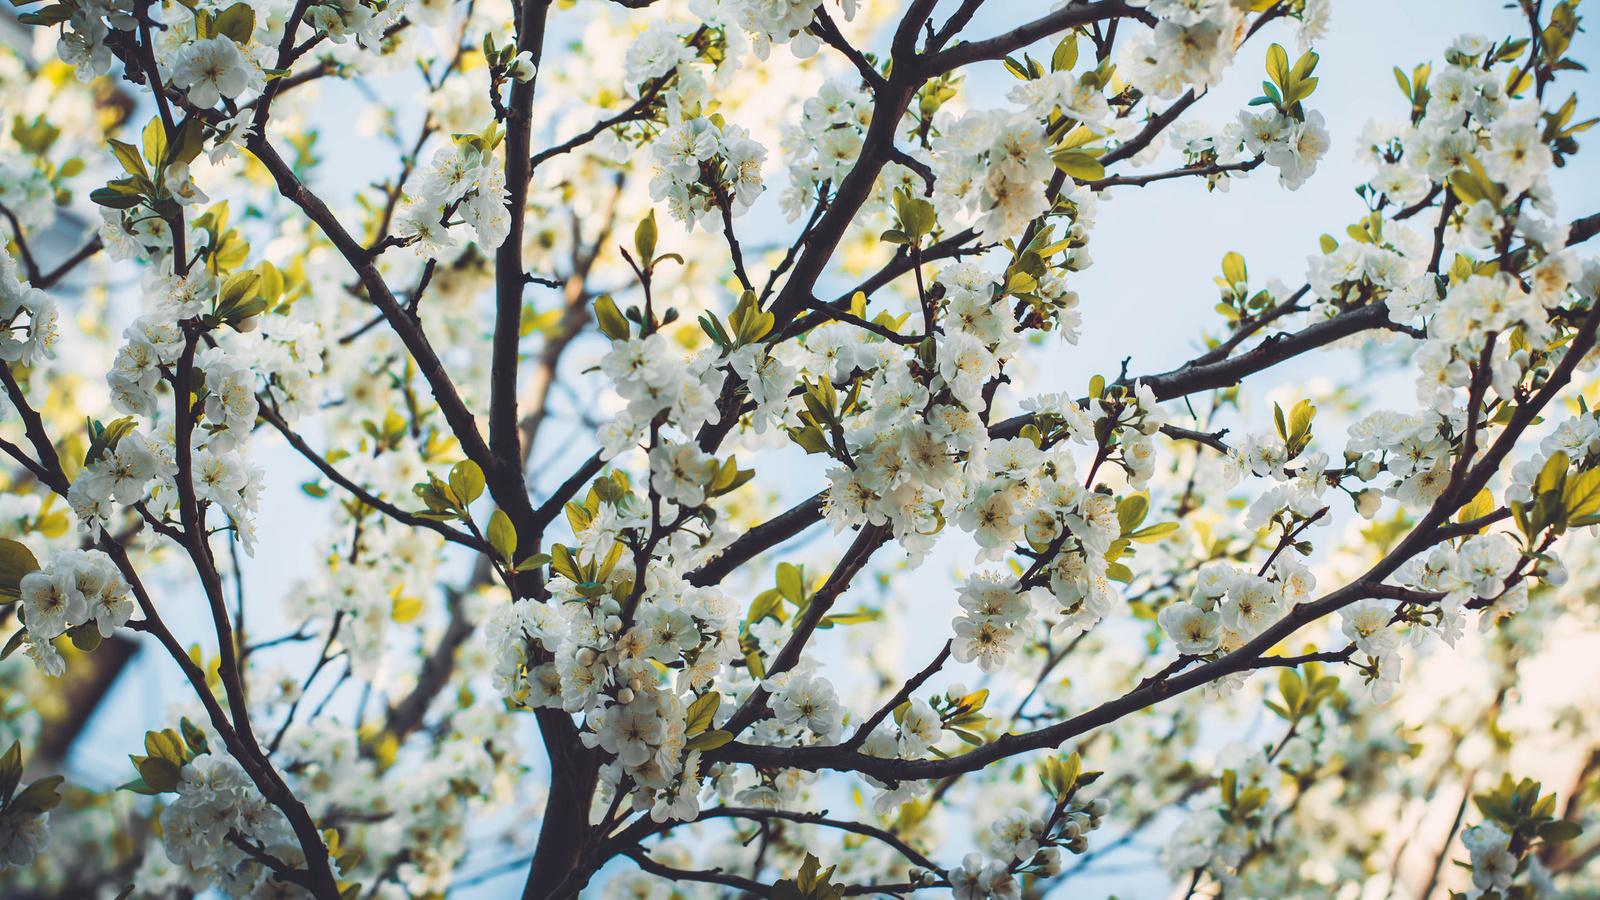 цветы, природа, деревья, фотограф irina kostenich